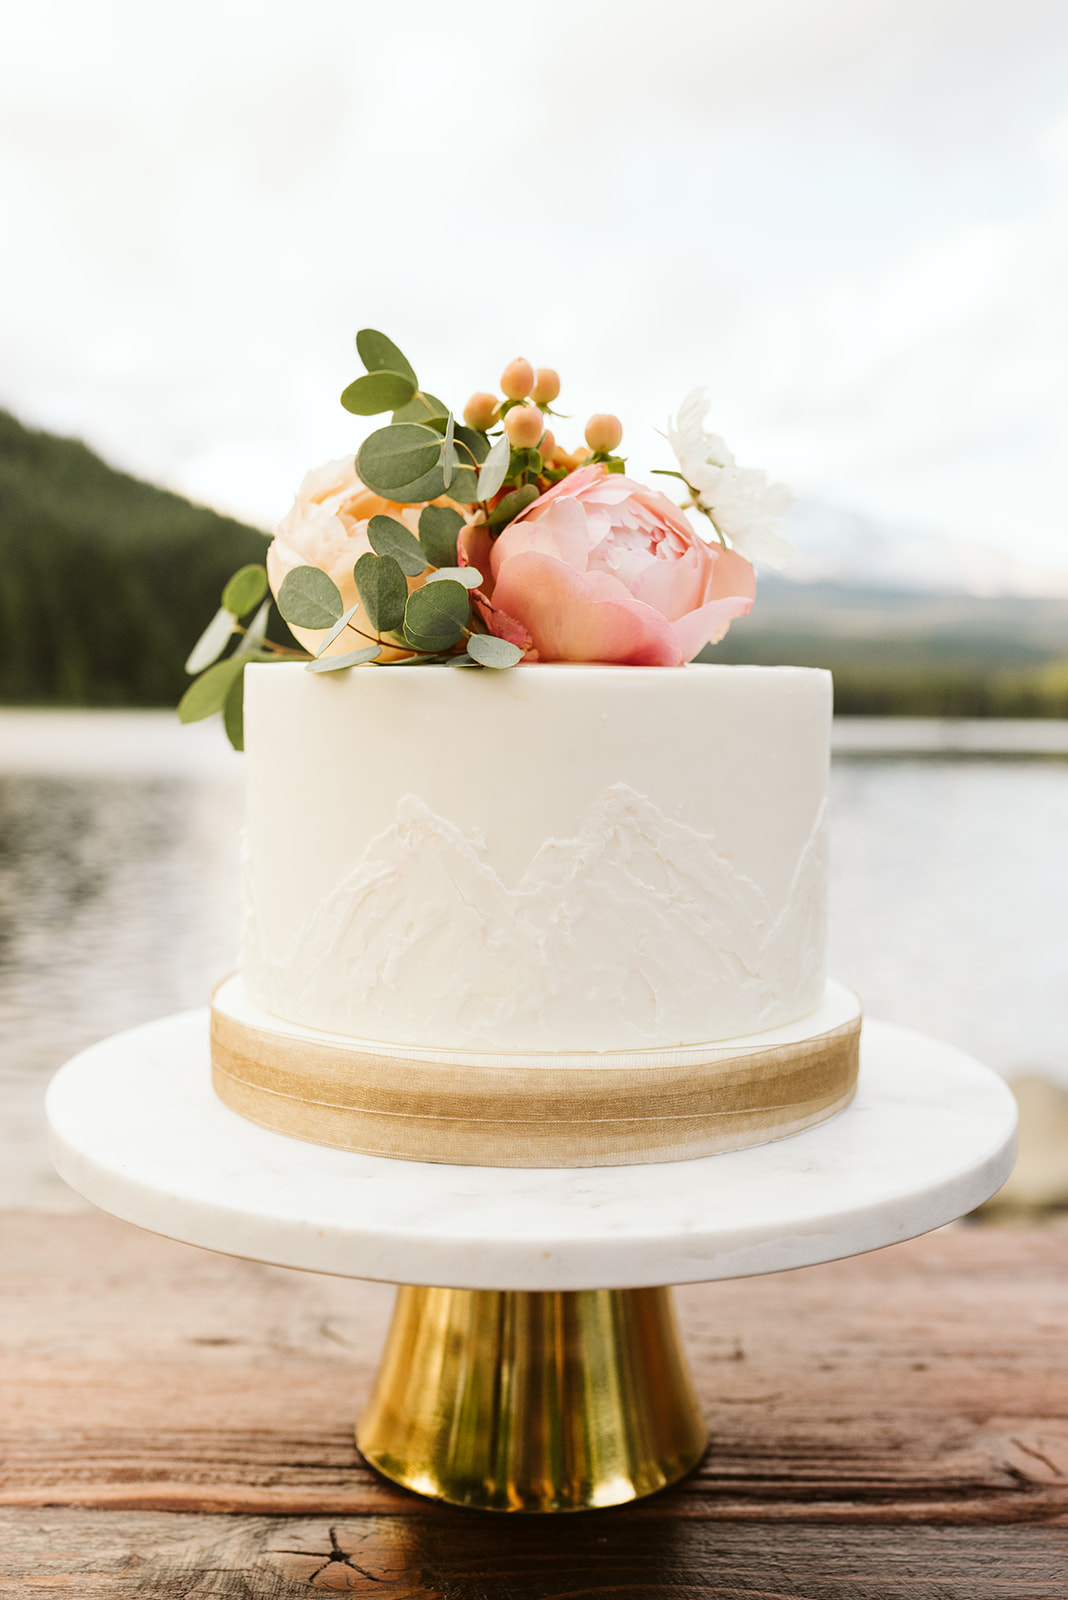 wedding cake, single tier wedding cake, one tier wedding cake, small wedding cake, elopement cake, couples cake